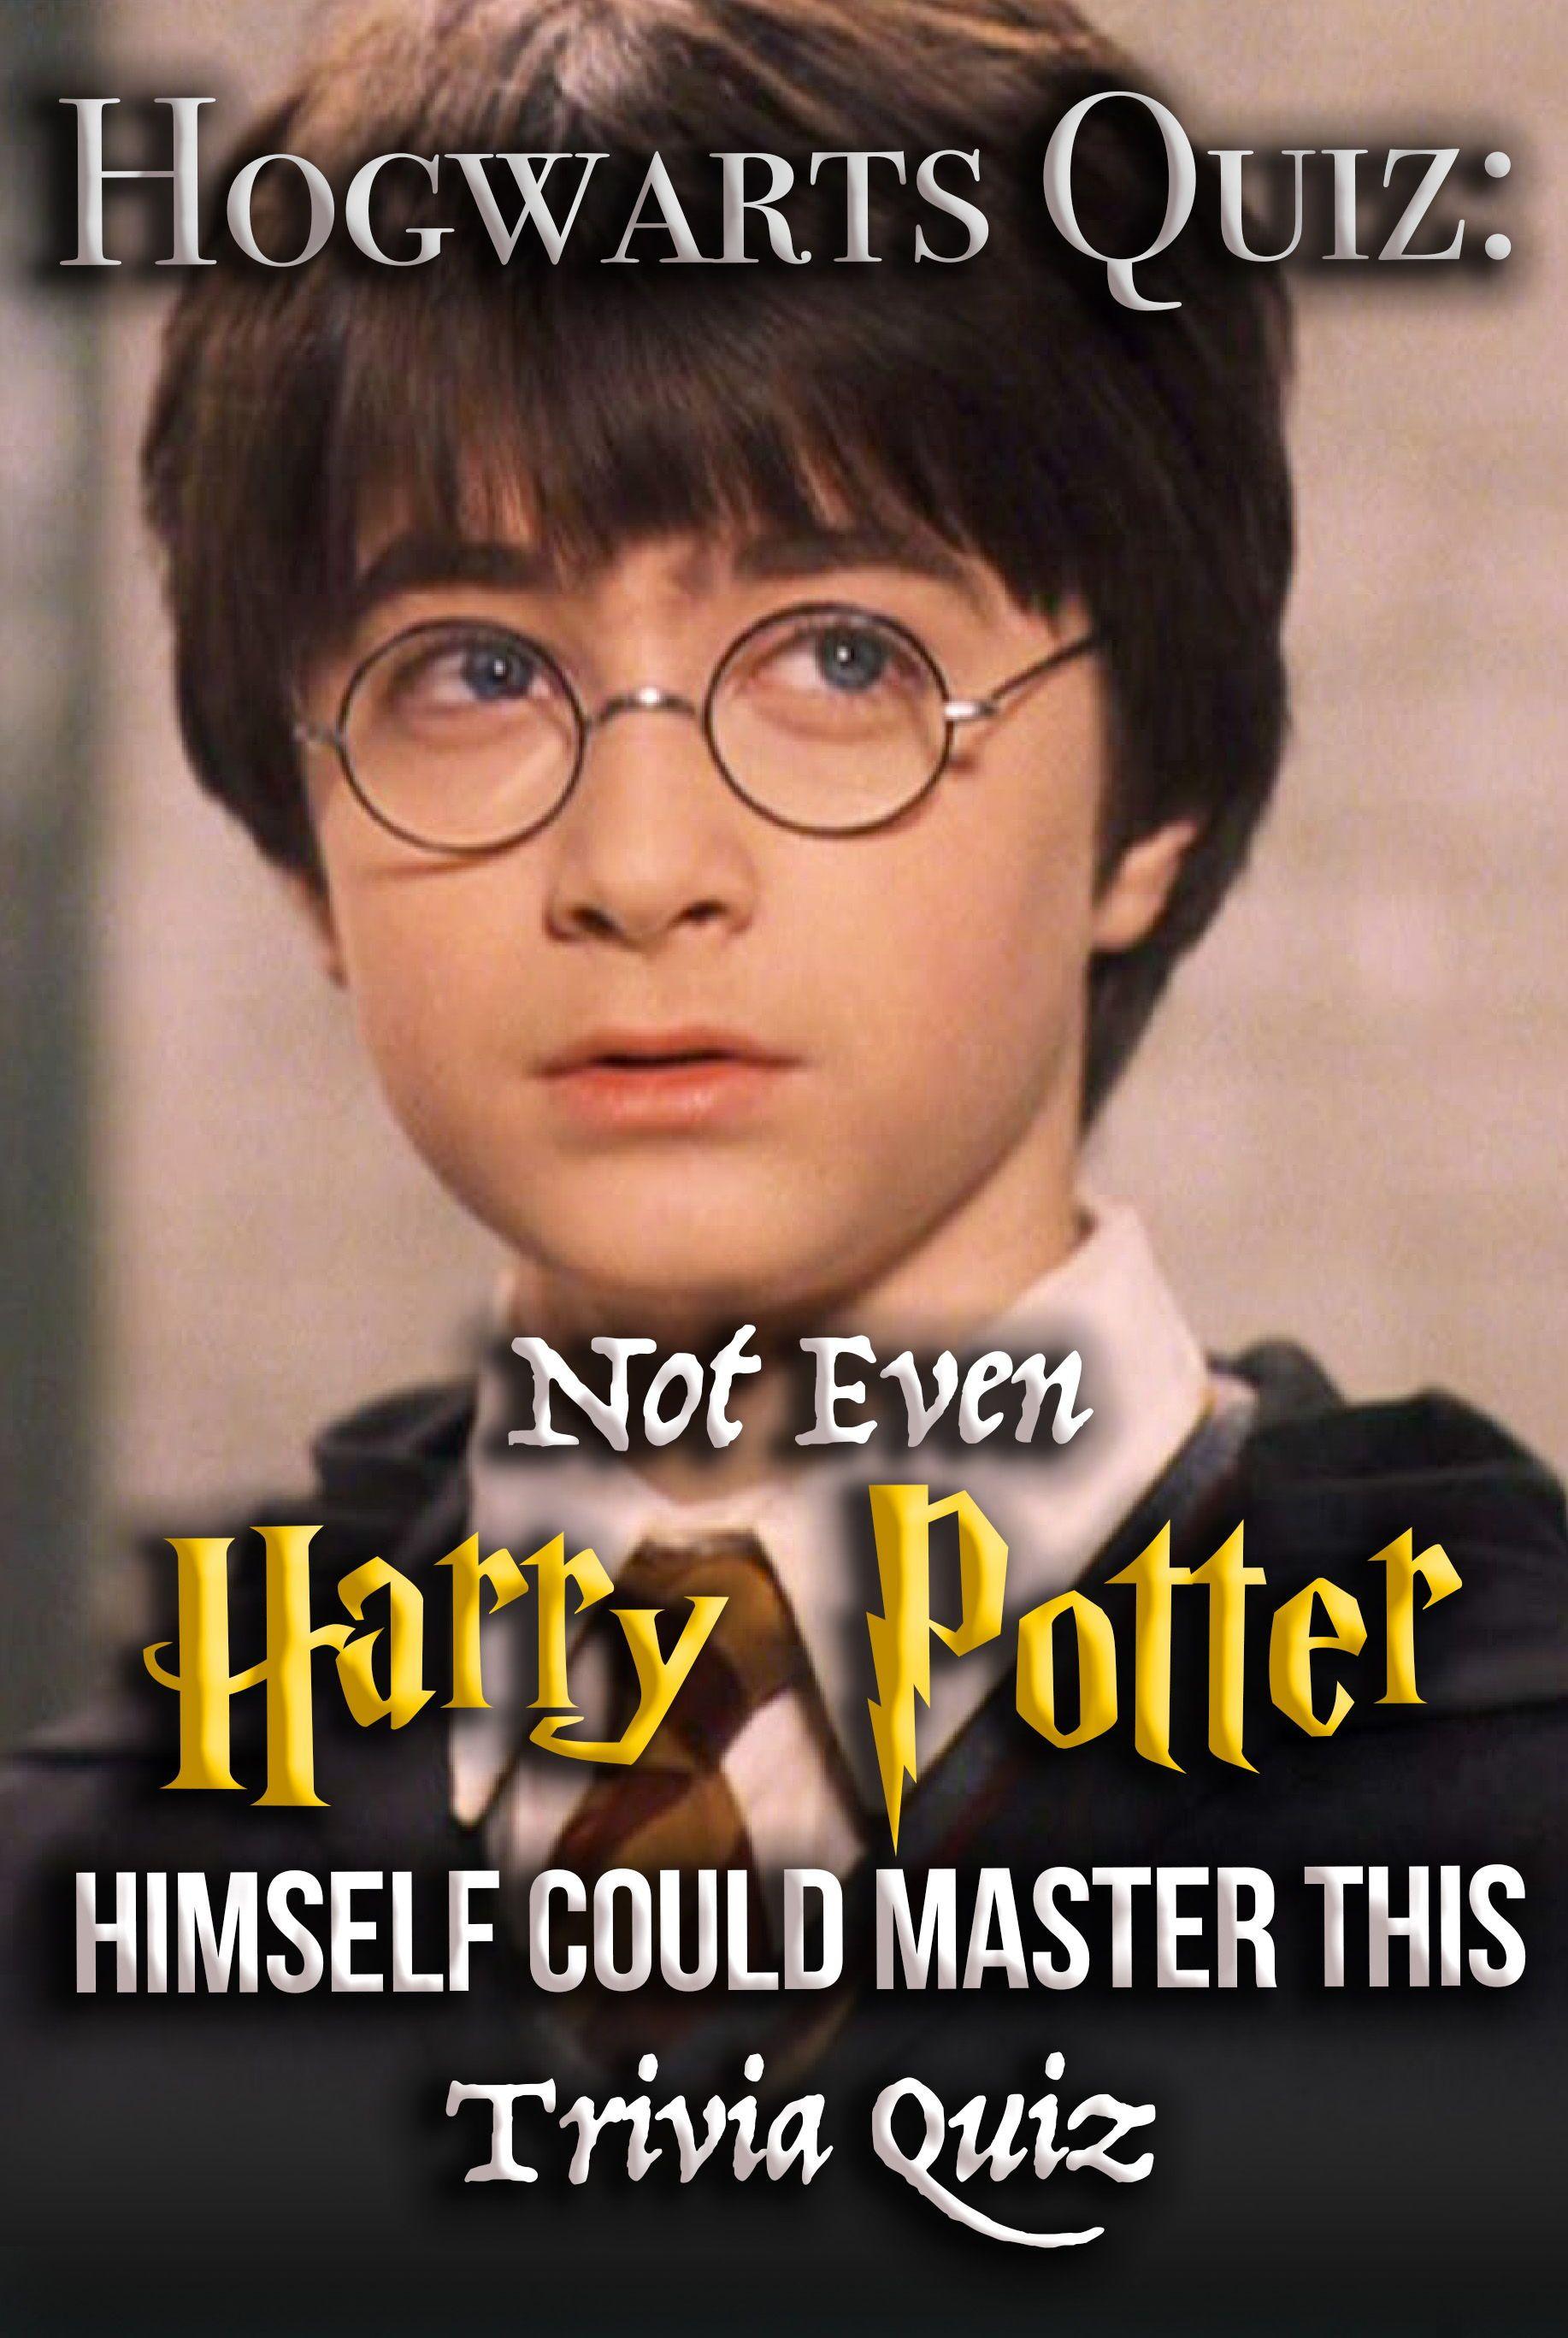 Hogwarts Quiz: Not Even Harry Potter Himself Could Master